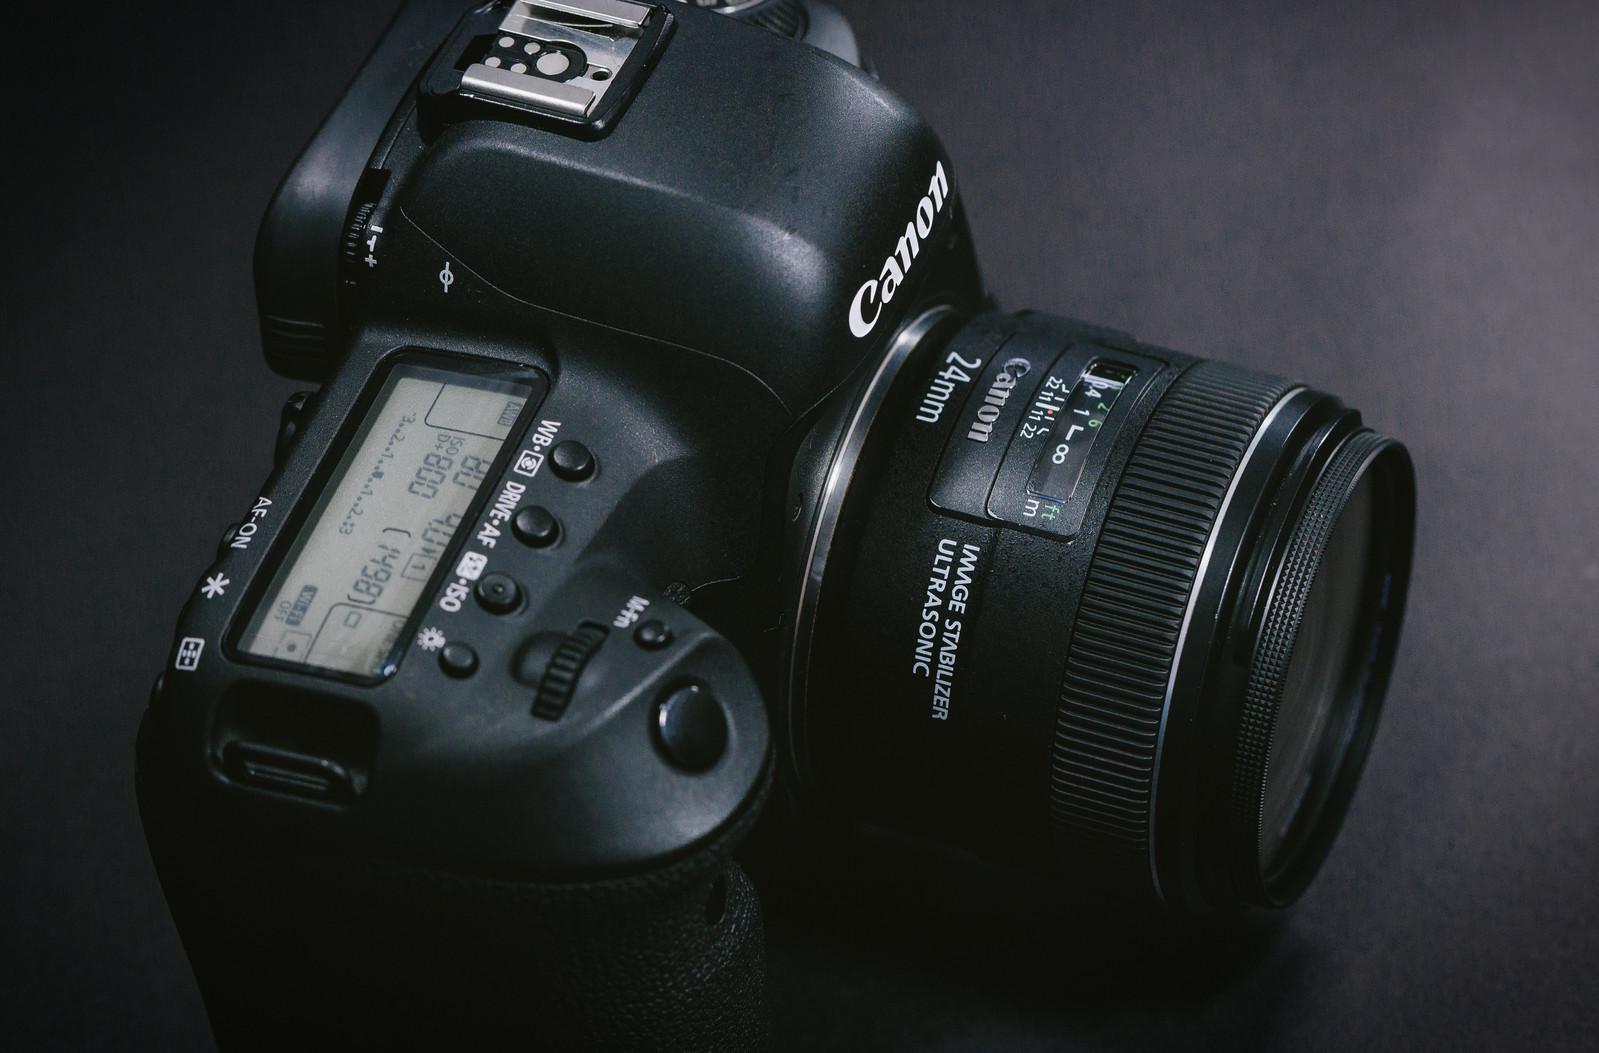 【参考にしたい】おすすめのカメラ情報サイトまとめ